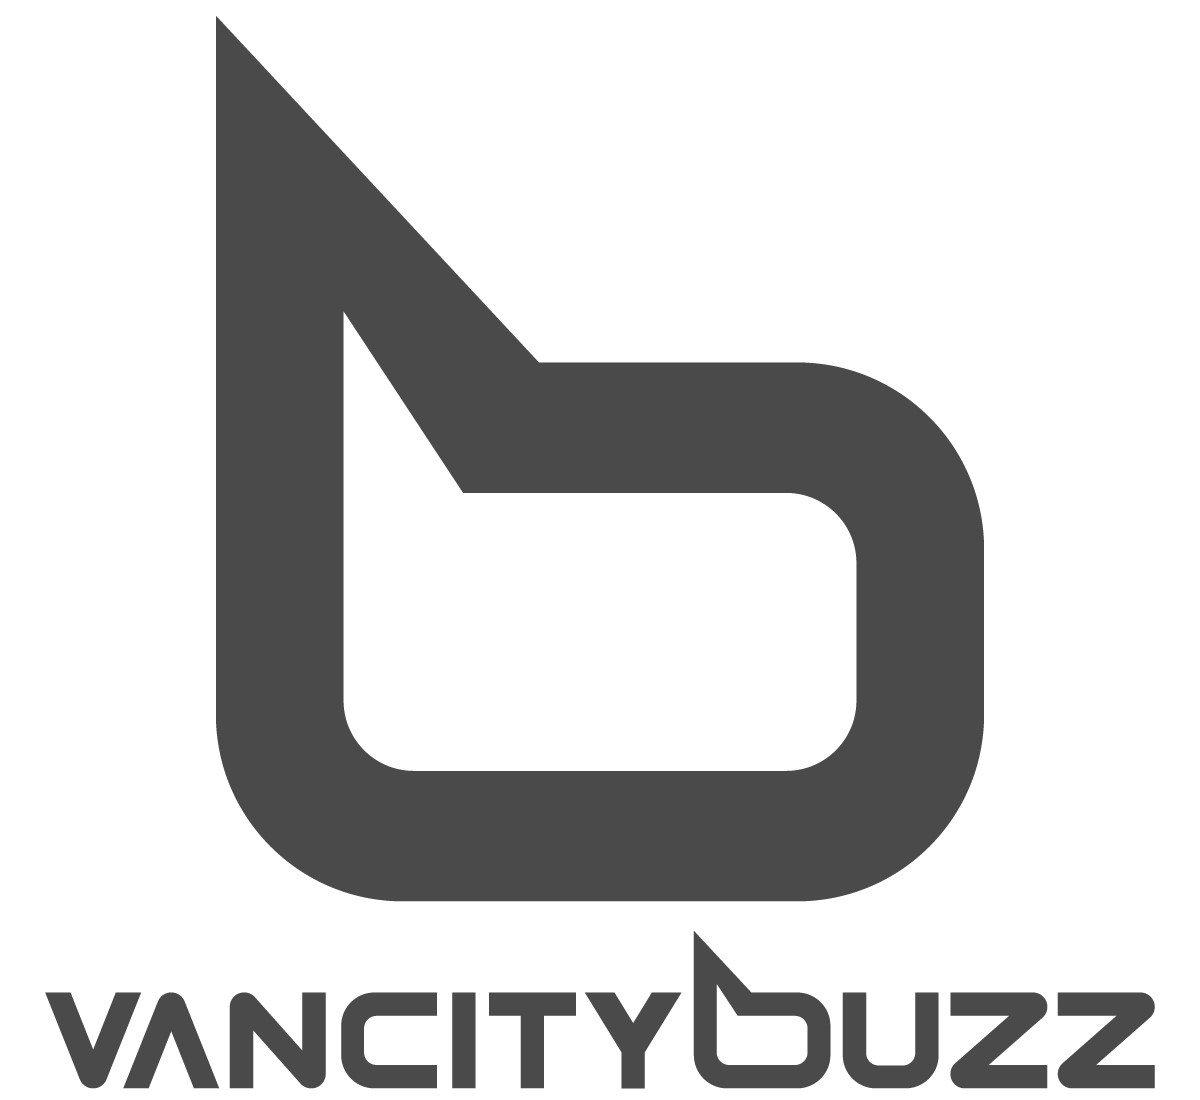 Vancitybuzz-logo-2-1